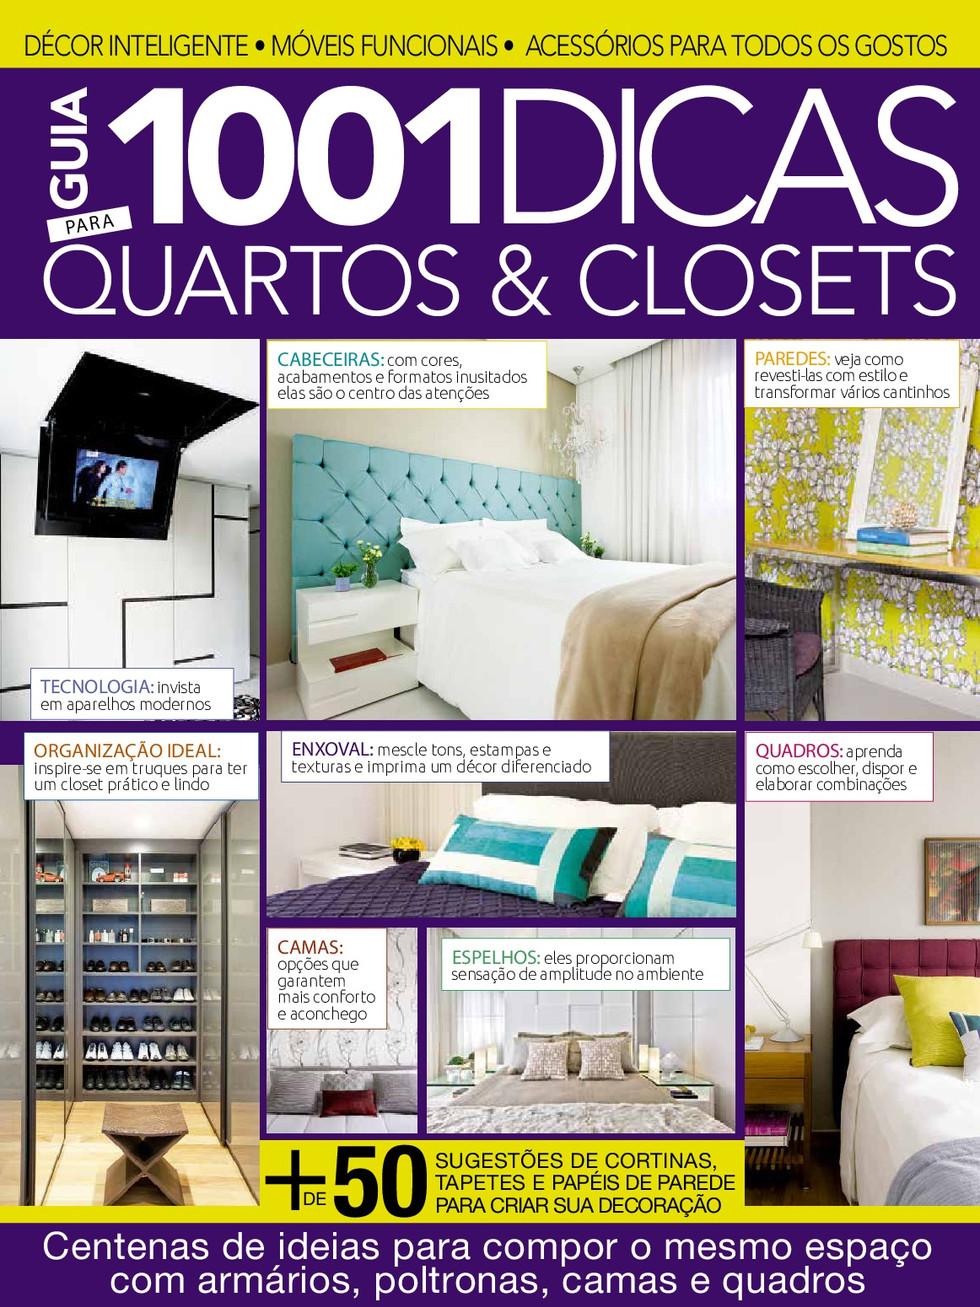 Guia 1001 Dicas sobre Quartos & Closets